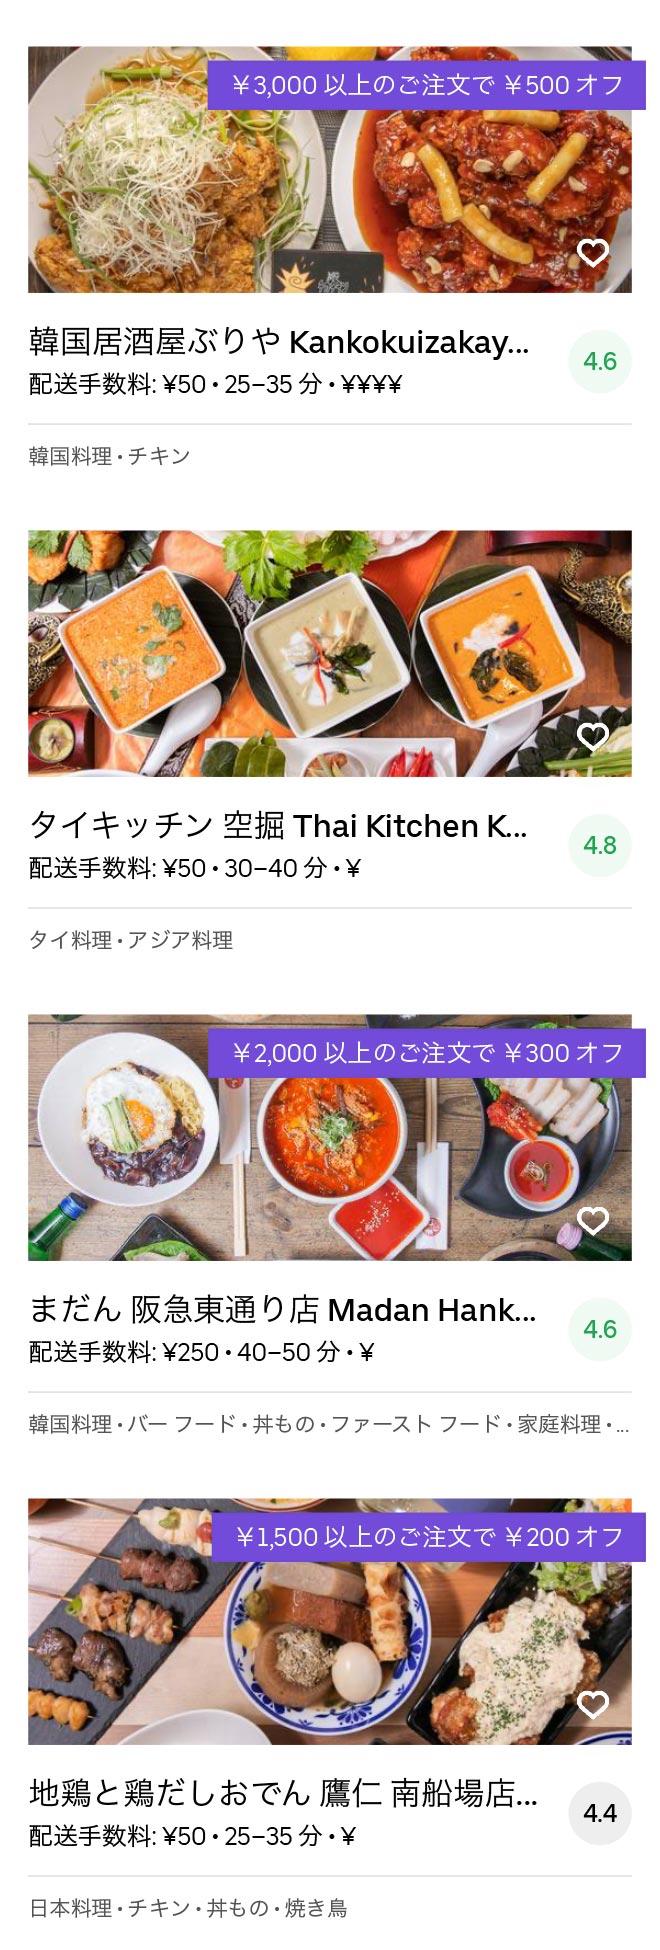 Osaka nanba menu 2005 05